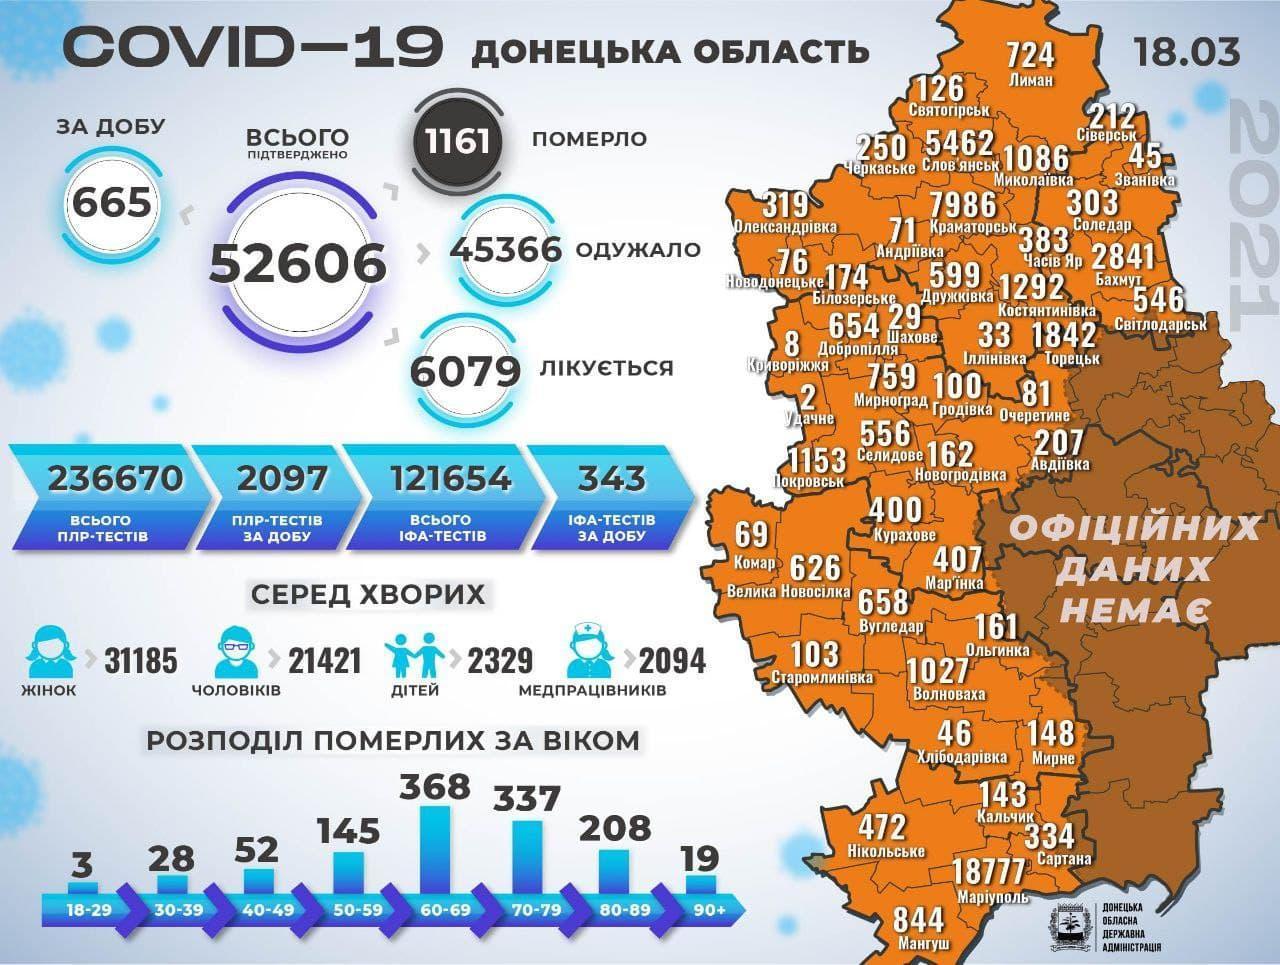 COVID-19 в Україні: інфікувалися вже понад 1,5 мільйони людей